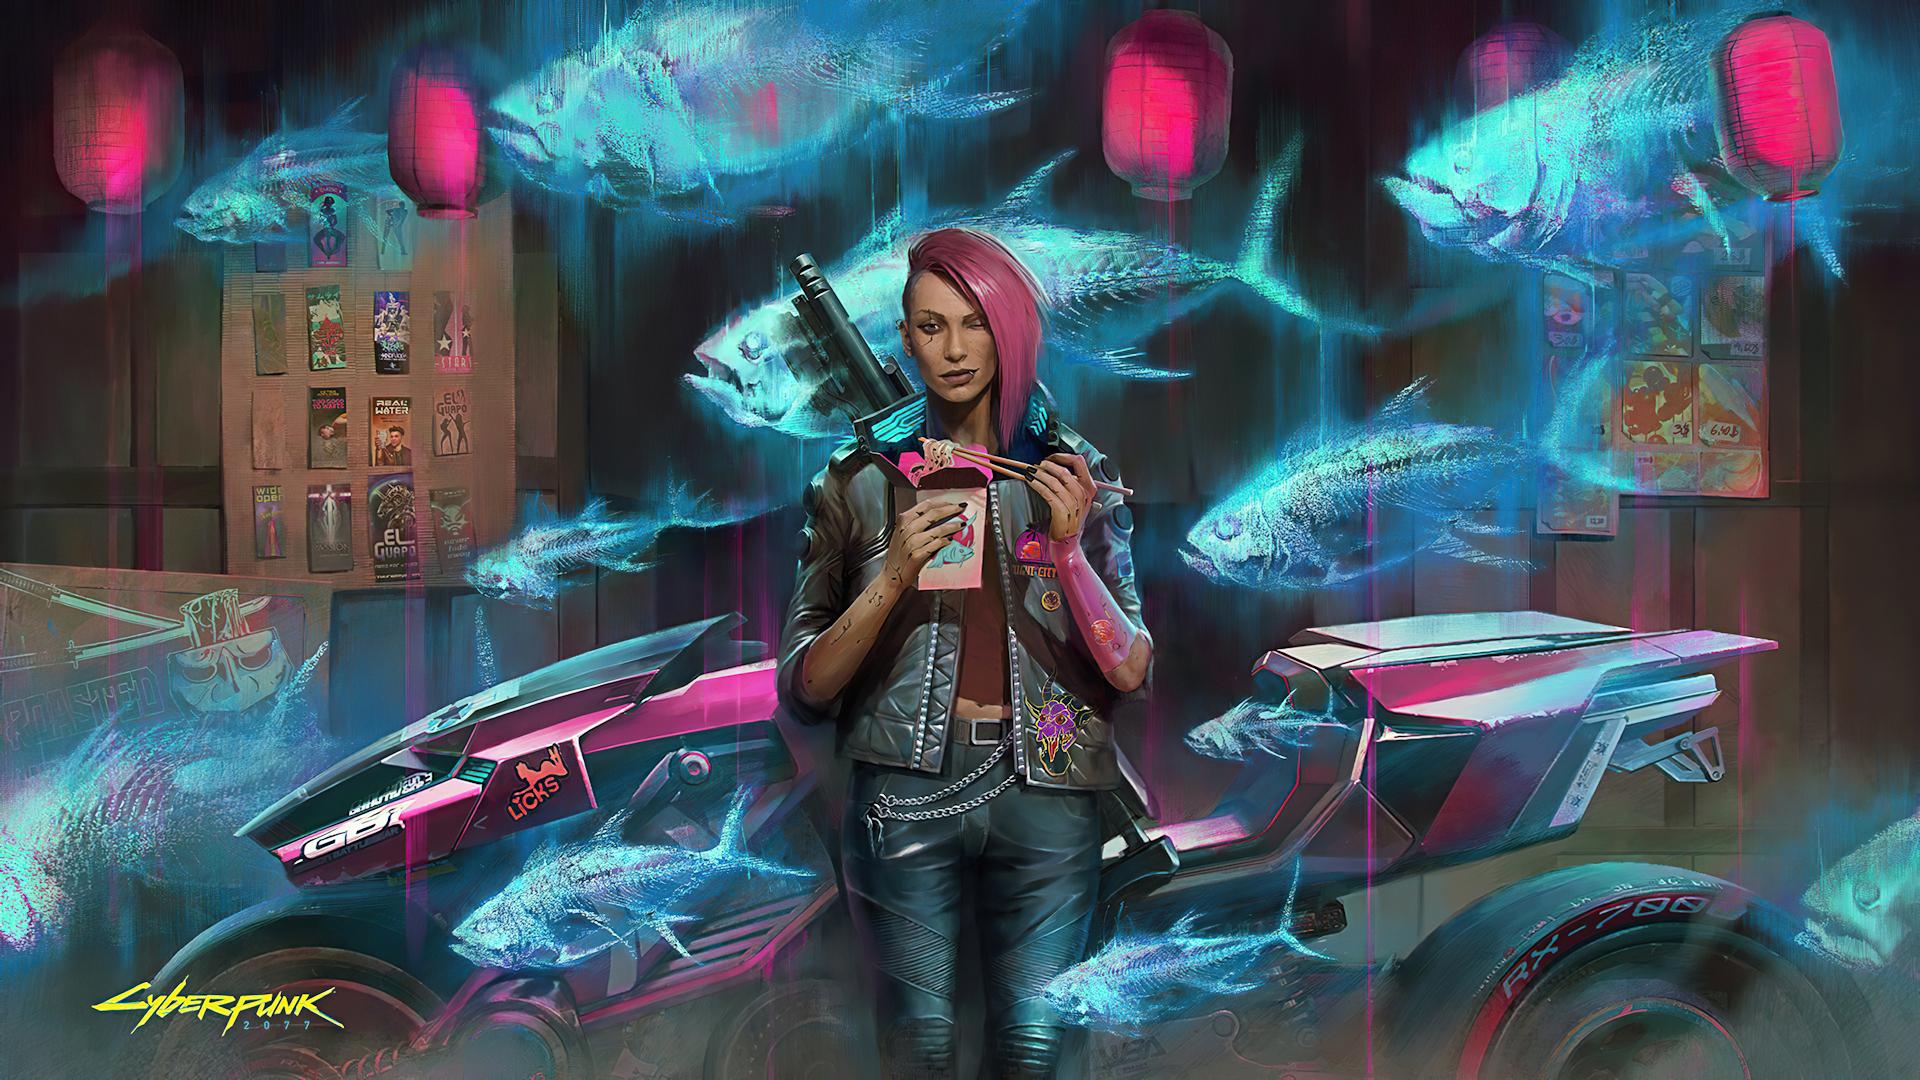 滇语人科2077的投资者针对CDPR-Cyberpunk 2077提起集体诉讼